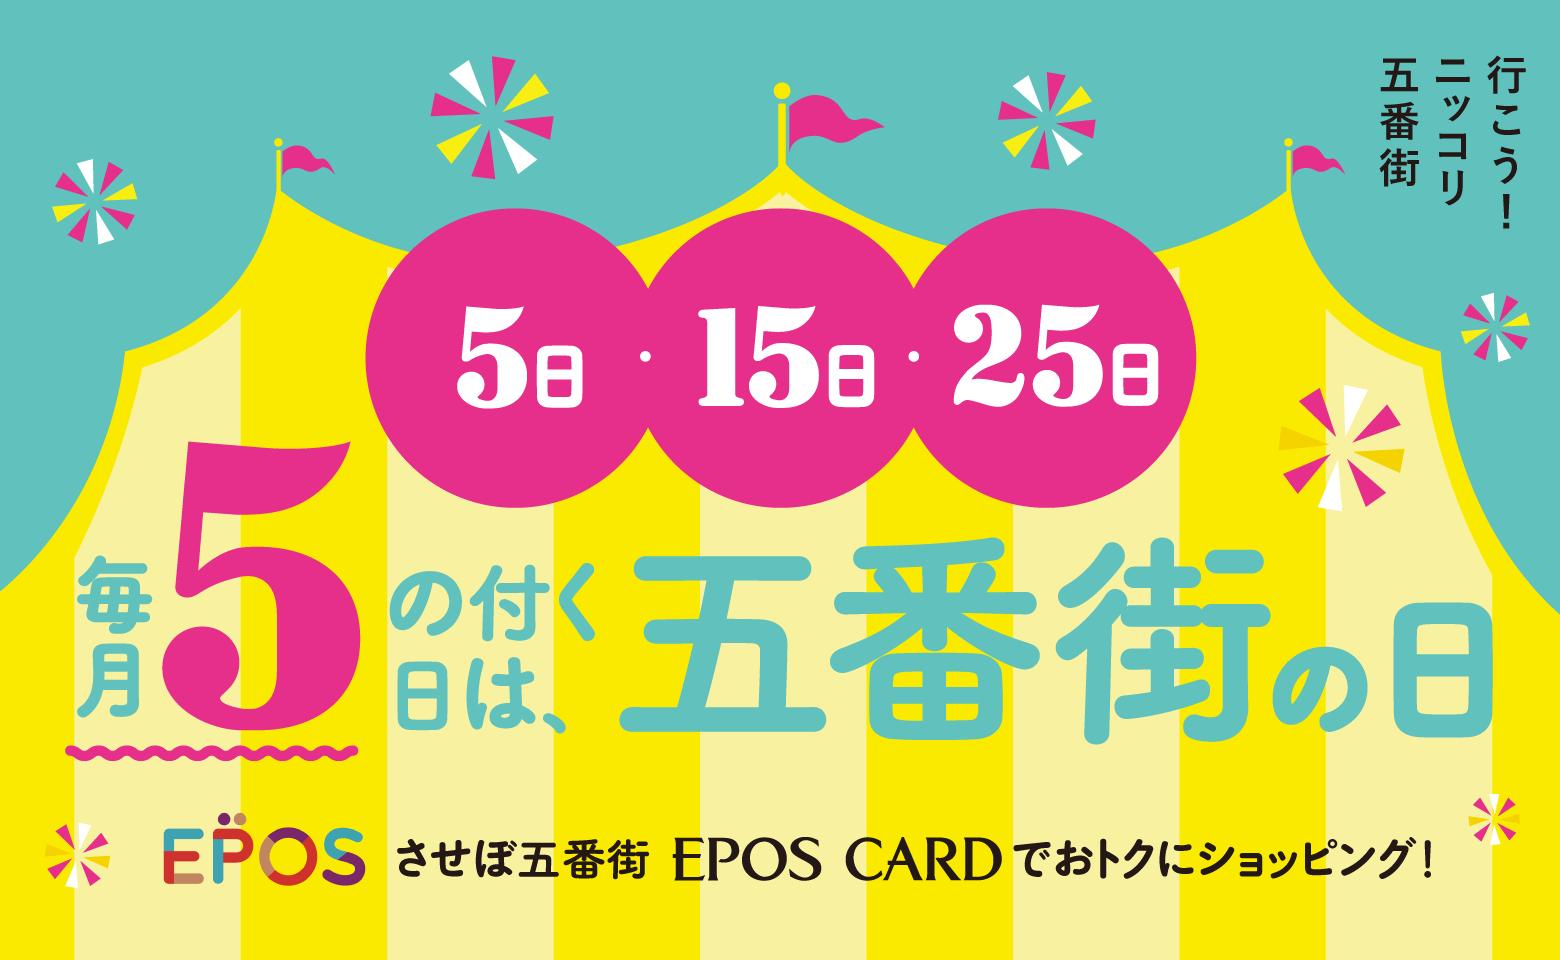 毎月5日・15日・25日は五番街の日 毎月5の付く日は五番街の日 させぼ五番街EPOS CARDでおトクにショッピング!